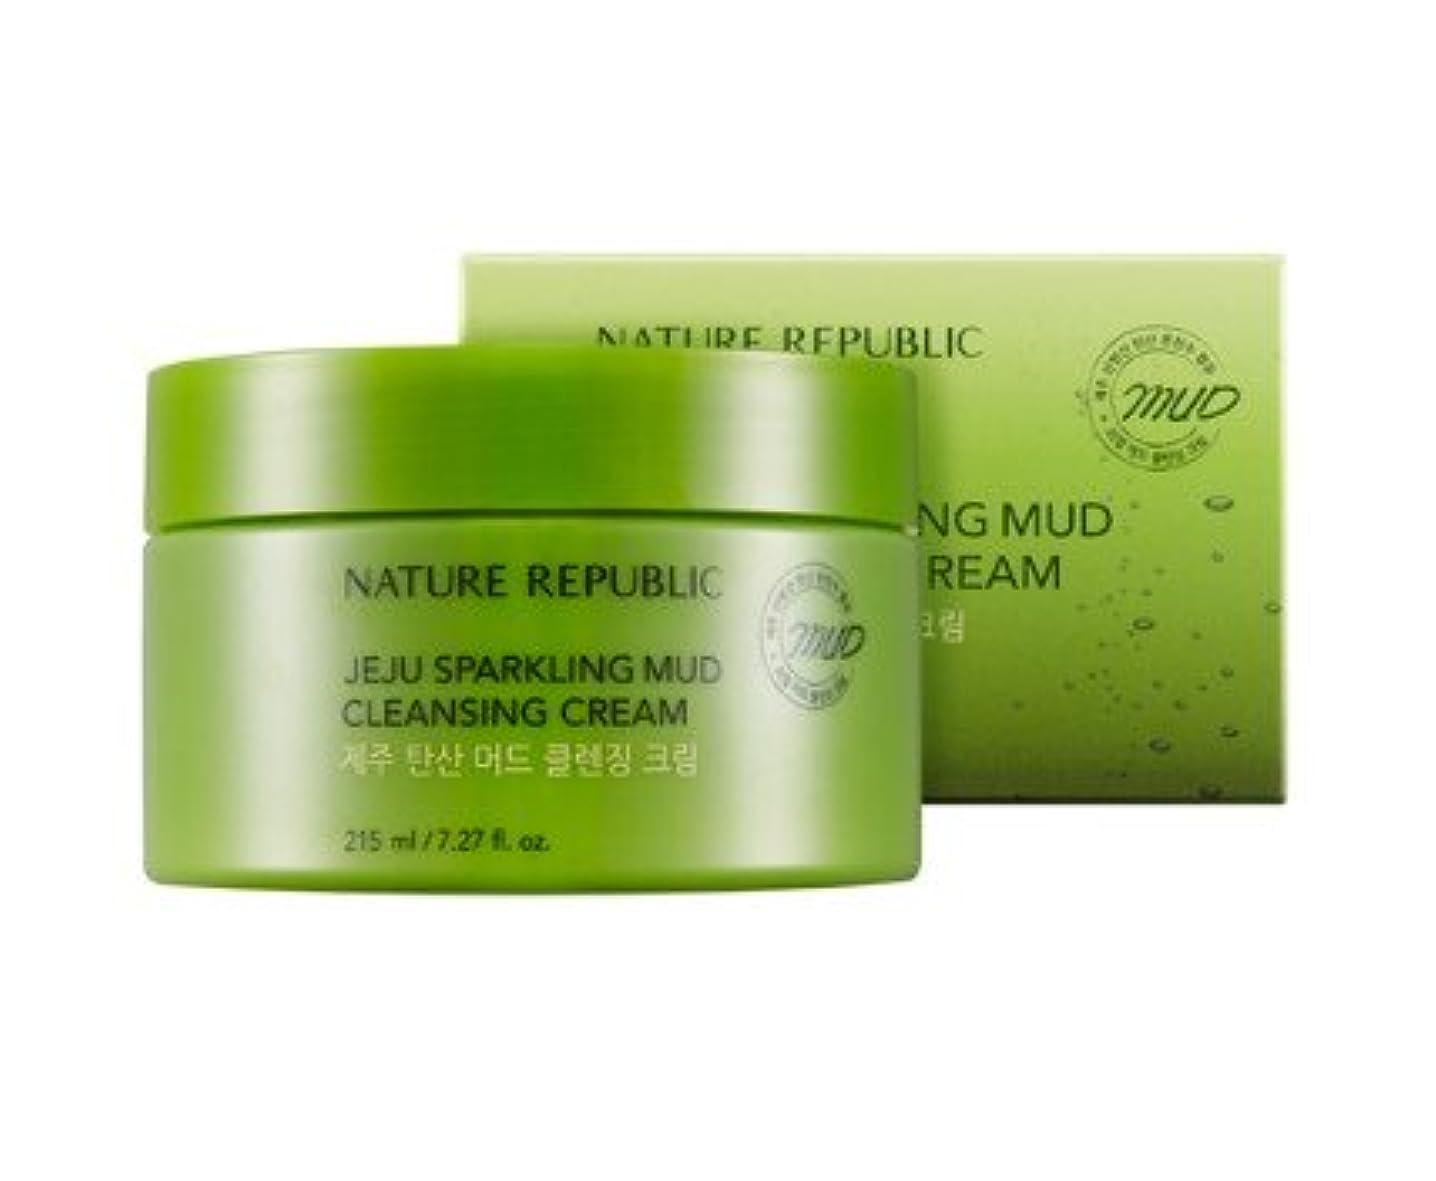 かかわらず心臓攻撃的Nature republic Jeju Sparkling Mud Cleansing Cream ネイチャーリパブリック チェジュ炭酸マッド クレンジングクリーム 215ML [並行輸入品]